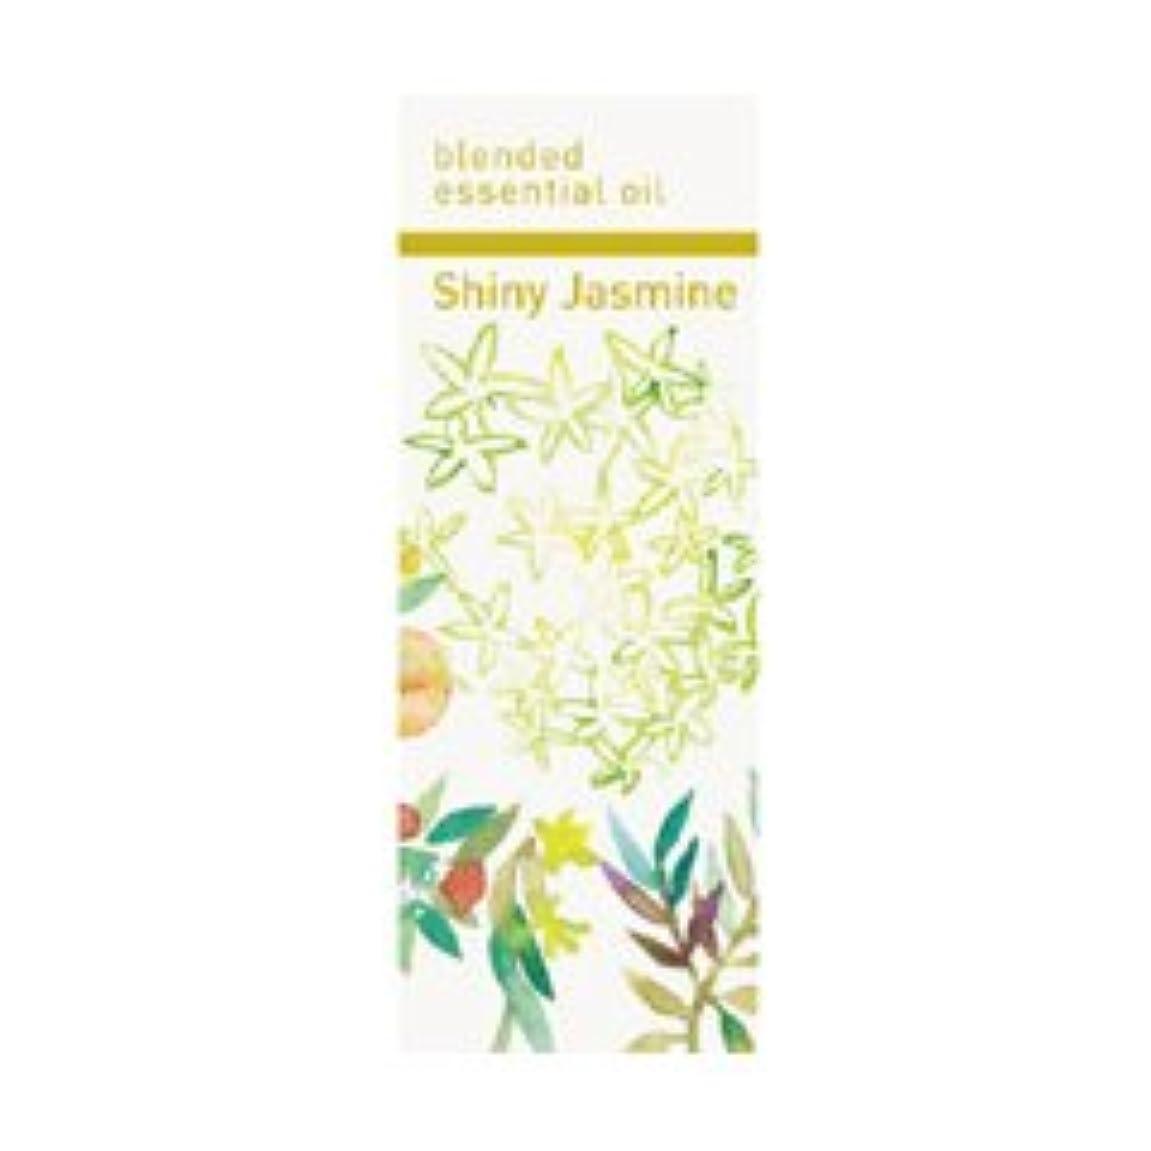 浸した顔料シールド生活の木 ブレンドエッセンシャルオイル シャイニージャスミン [30ml] エッセンシャルオイル/精油